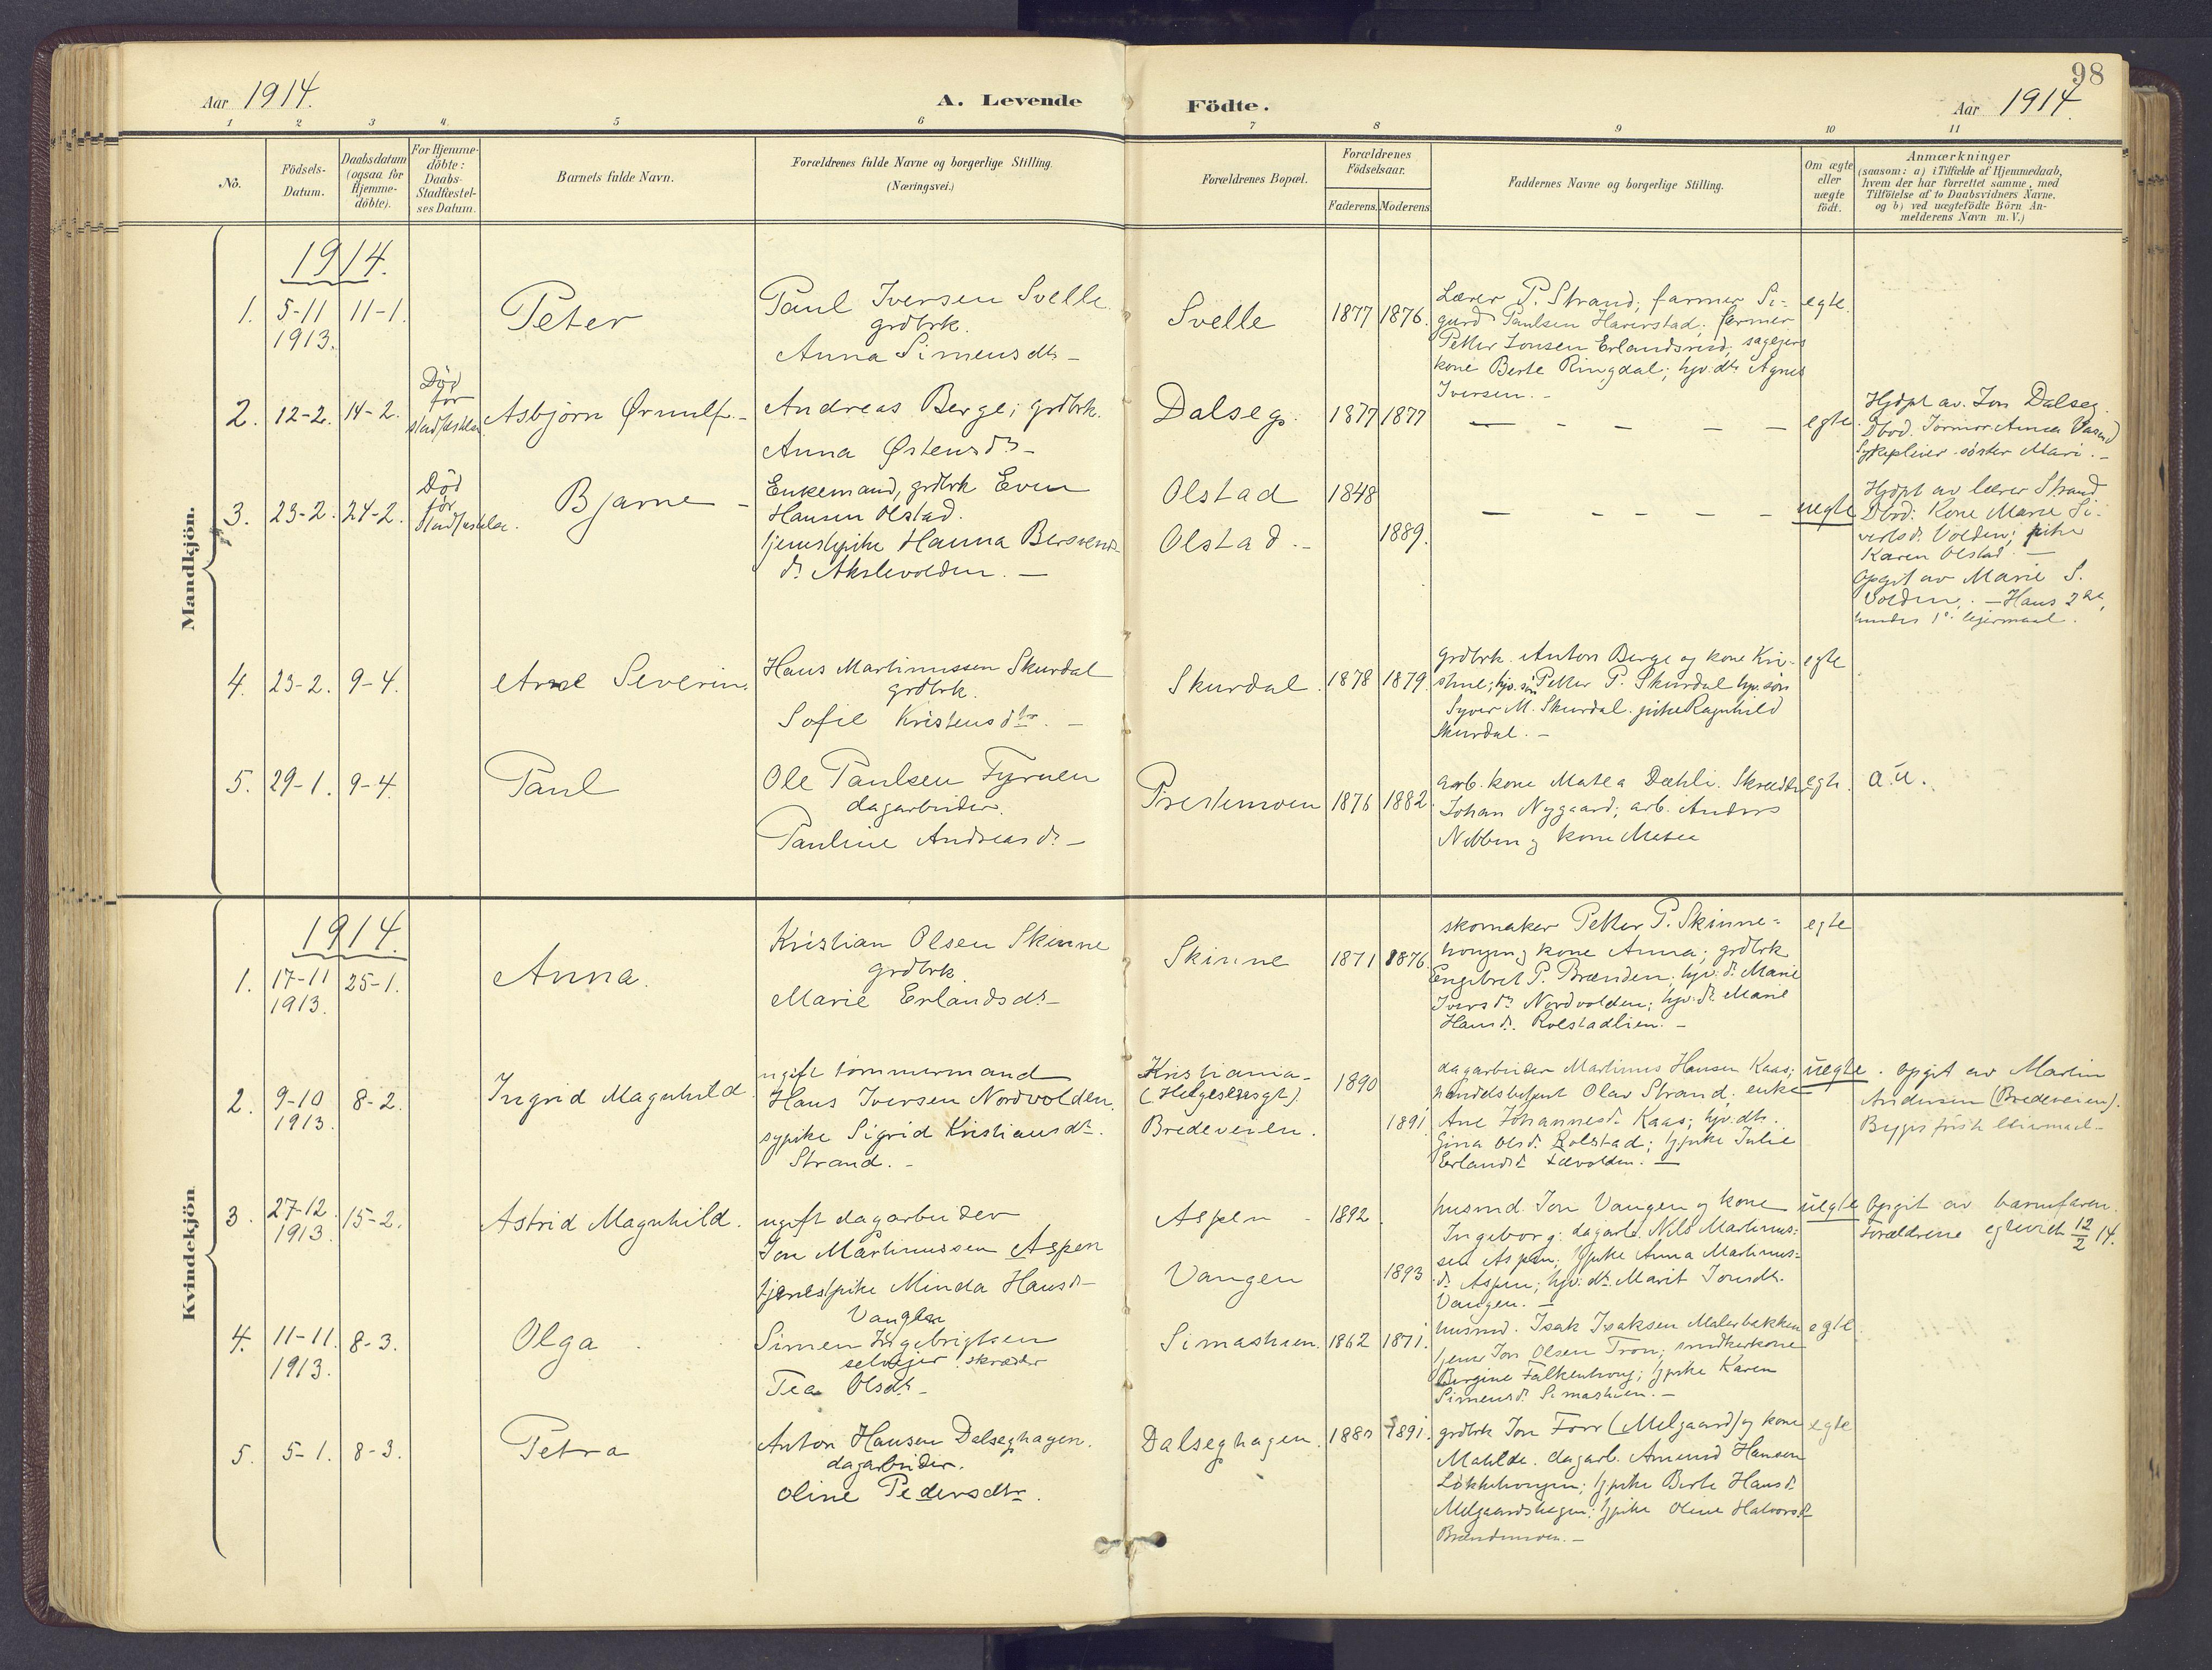 SAH, Sør-Fron prestekontor, H/Ha/Haa/L0004: Ministerialbok nr. 4, 1898-1919, s. 98